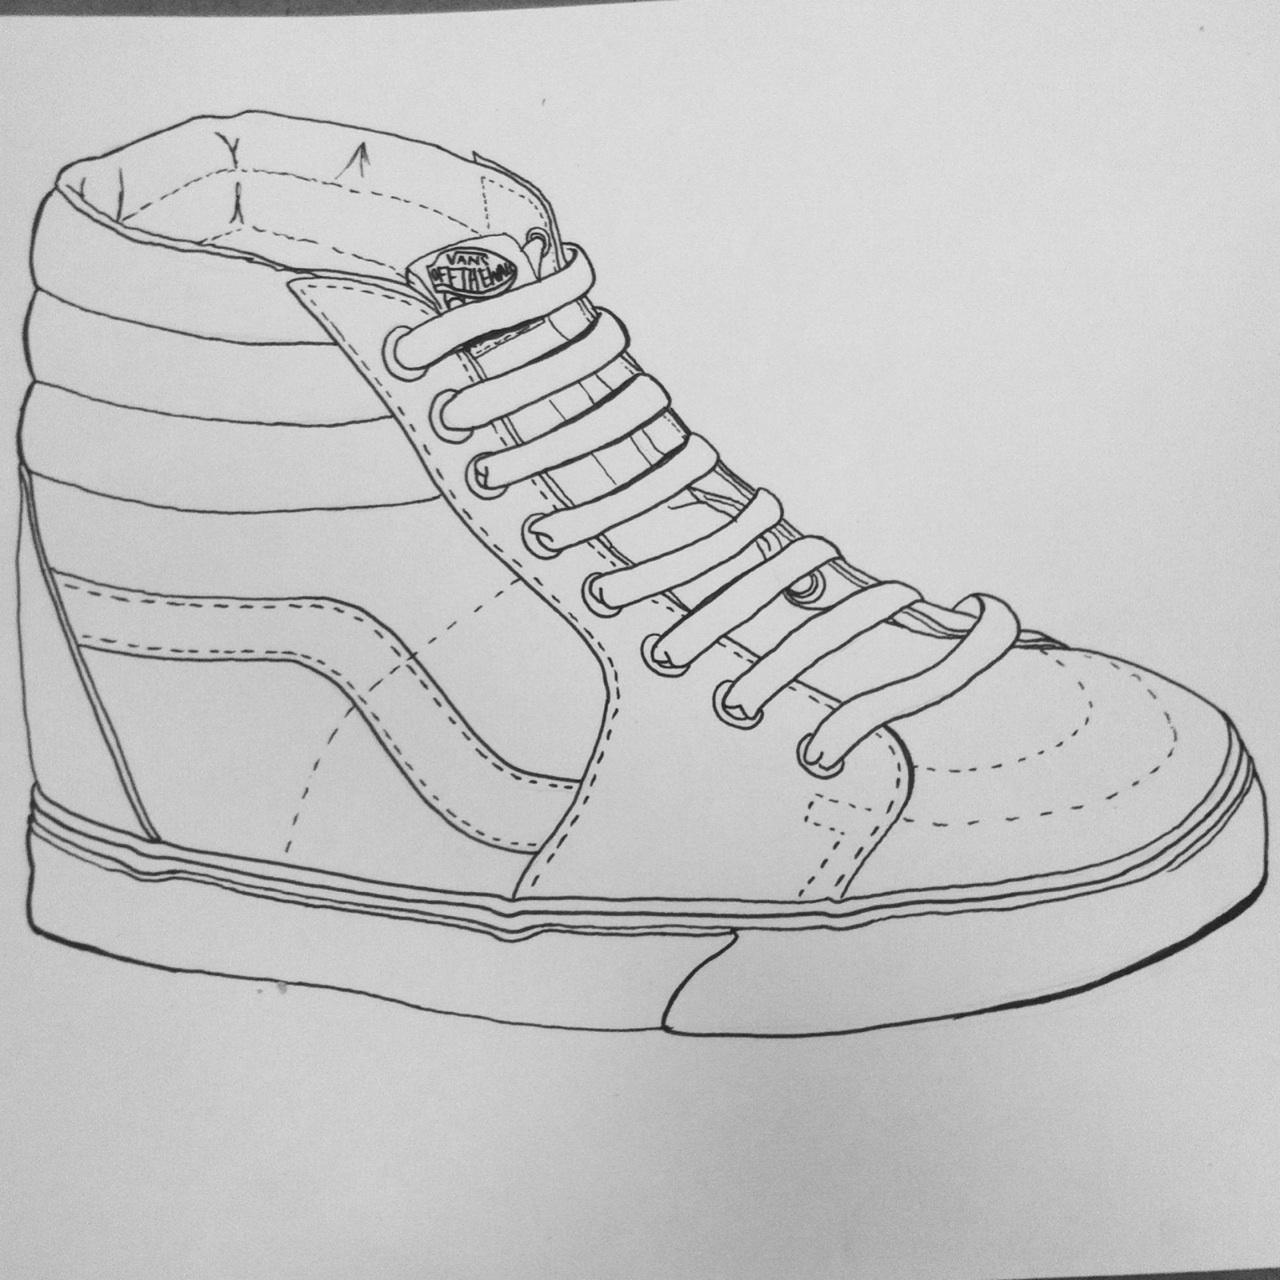 Tennis Shoe Drawing Contour drawing of a shoe